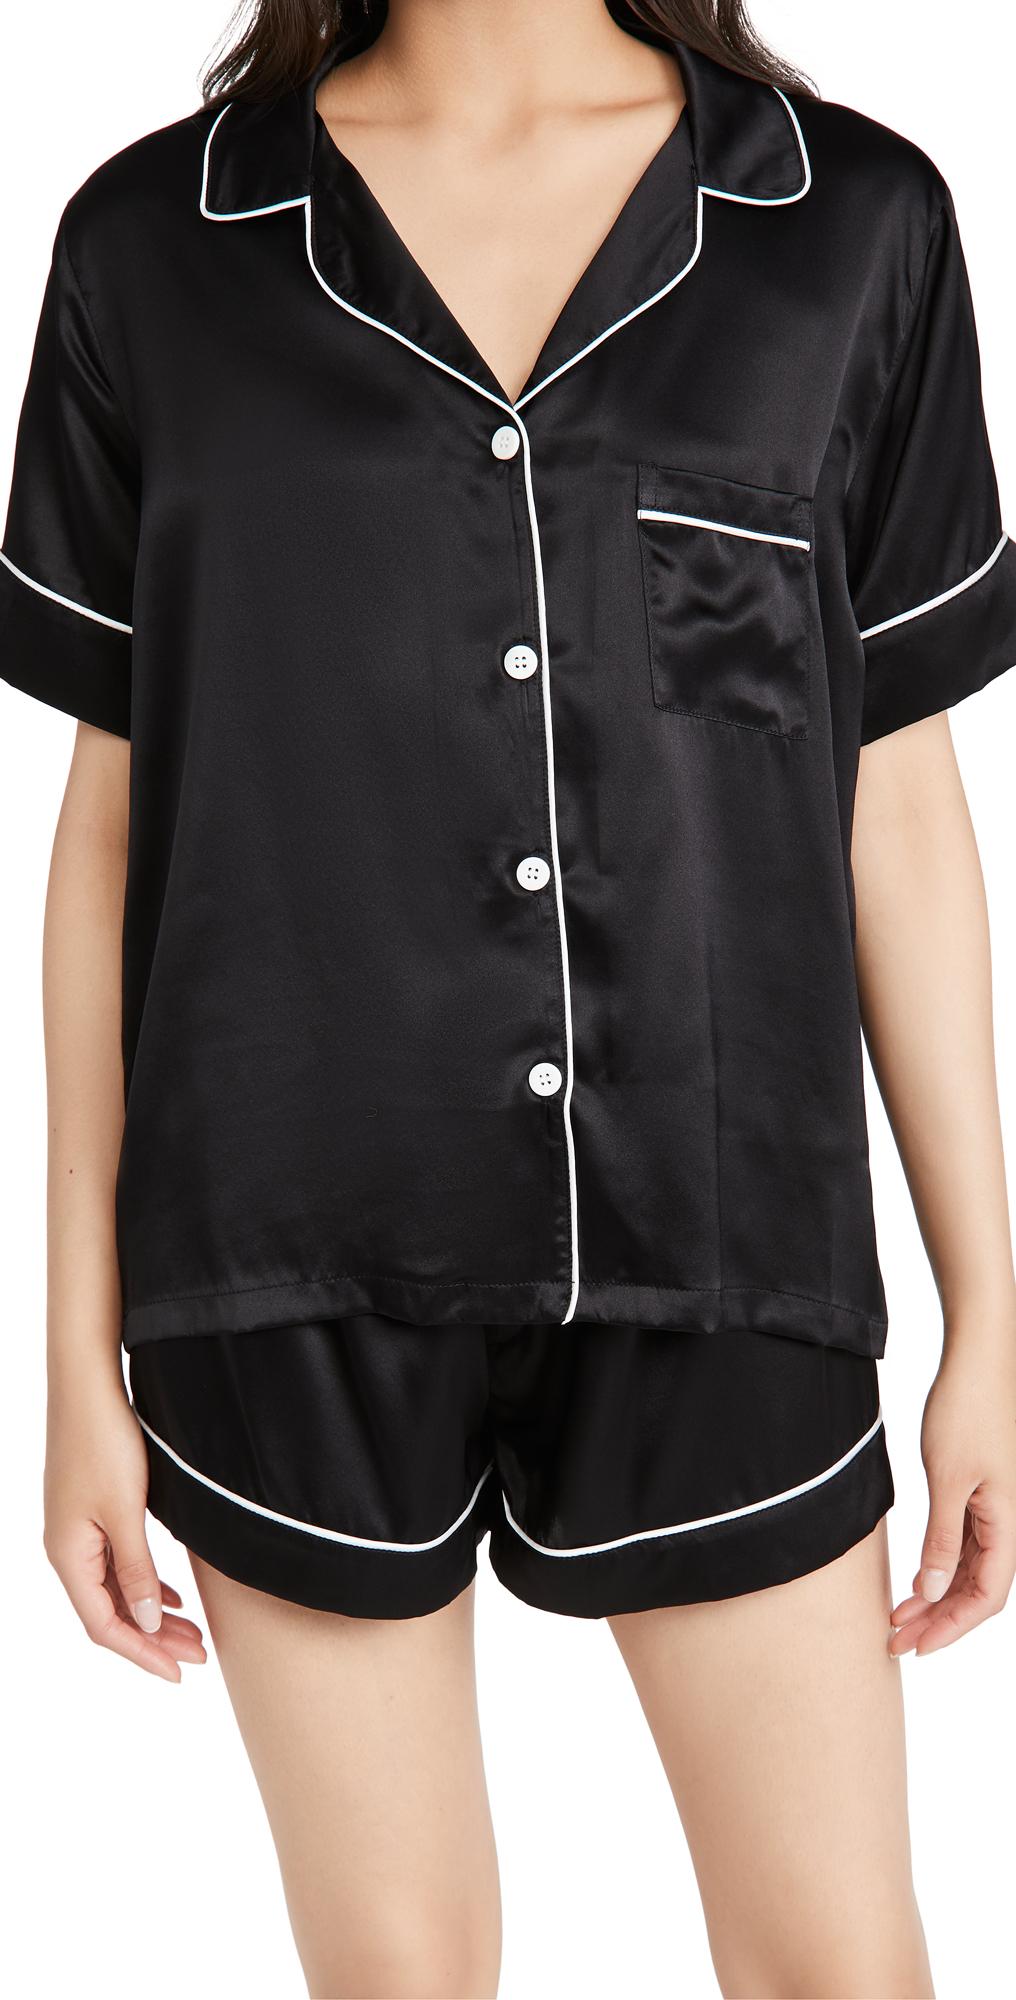 Silk Shorts PJ Set